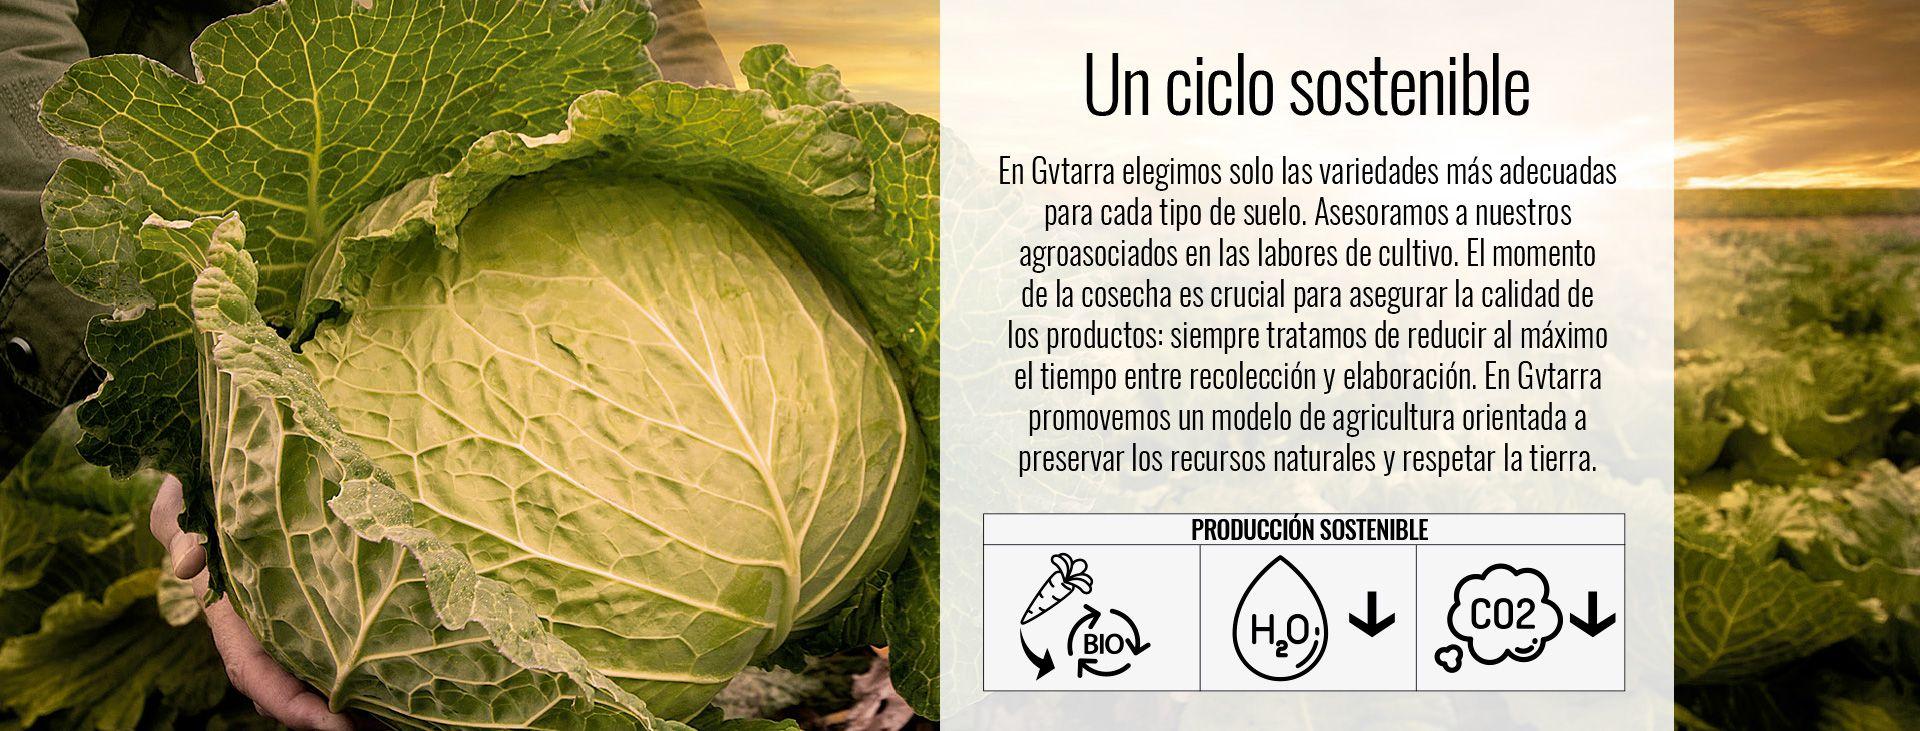 Un ciclo sostenible